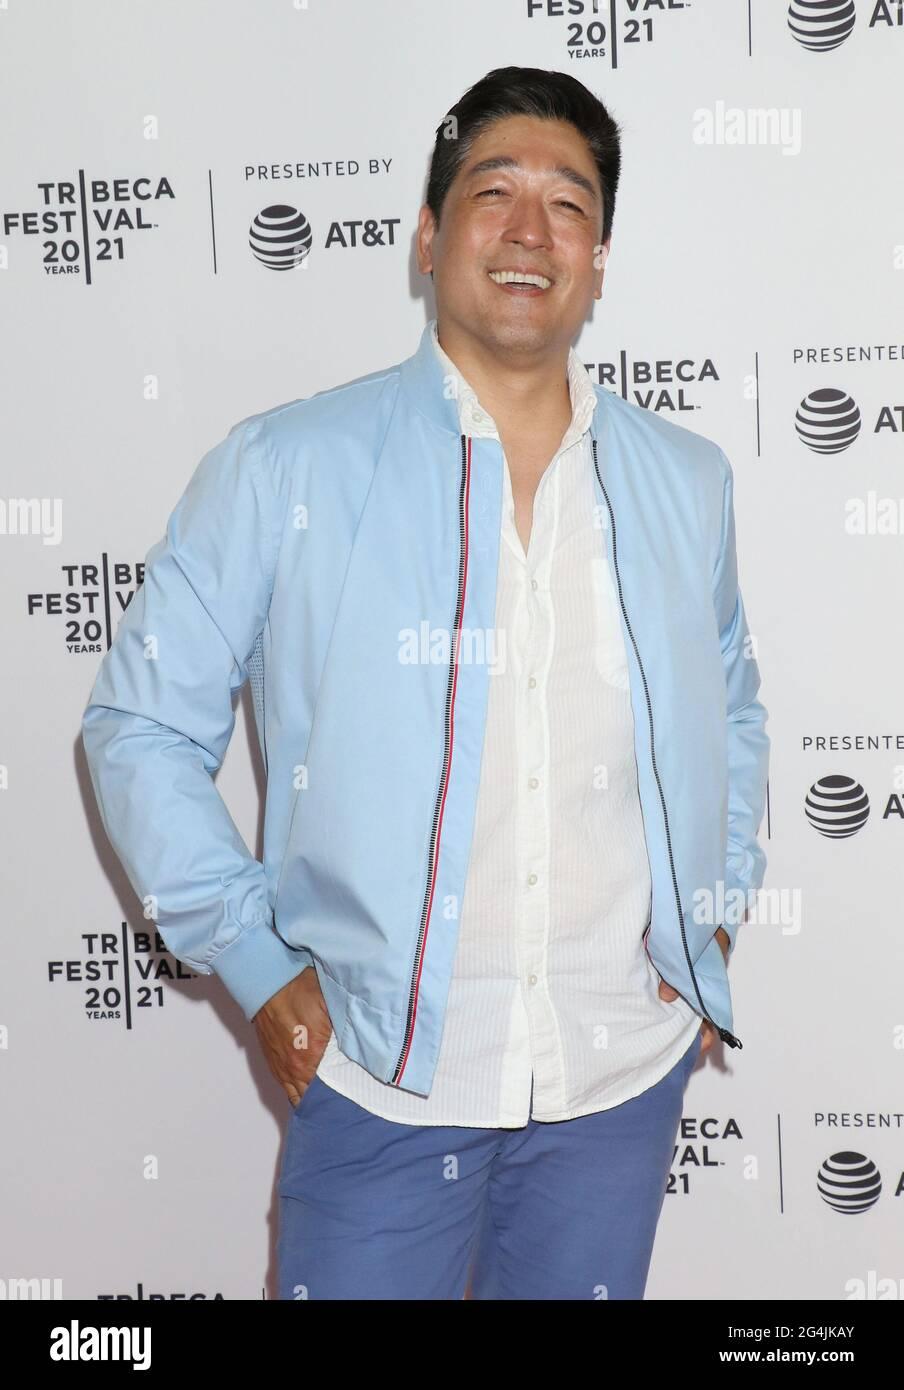 New York, NY, États-Unis. 21 juin 2021. Peter Kim au Tribeca film Festival 2021 première du Comité Dieu à Brooklyn Commons Metrotech à New York le 20 juin 2021 crédit: RW Media Punch/Alay Live News Banque D'Images